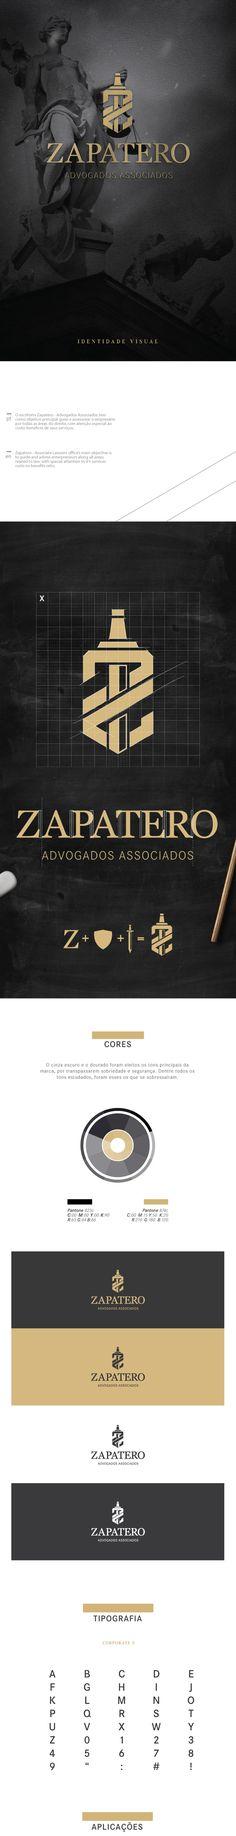 Zapatero on Behance